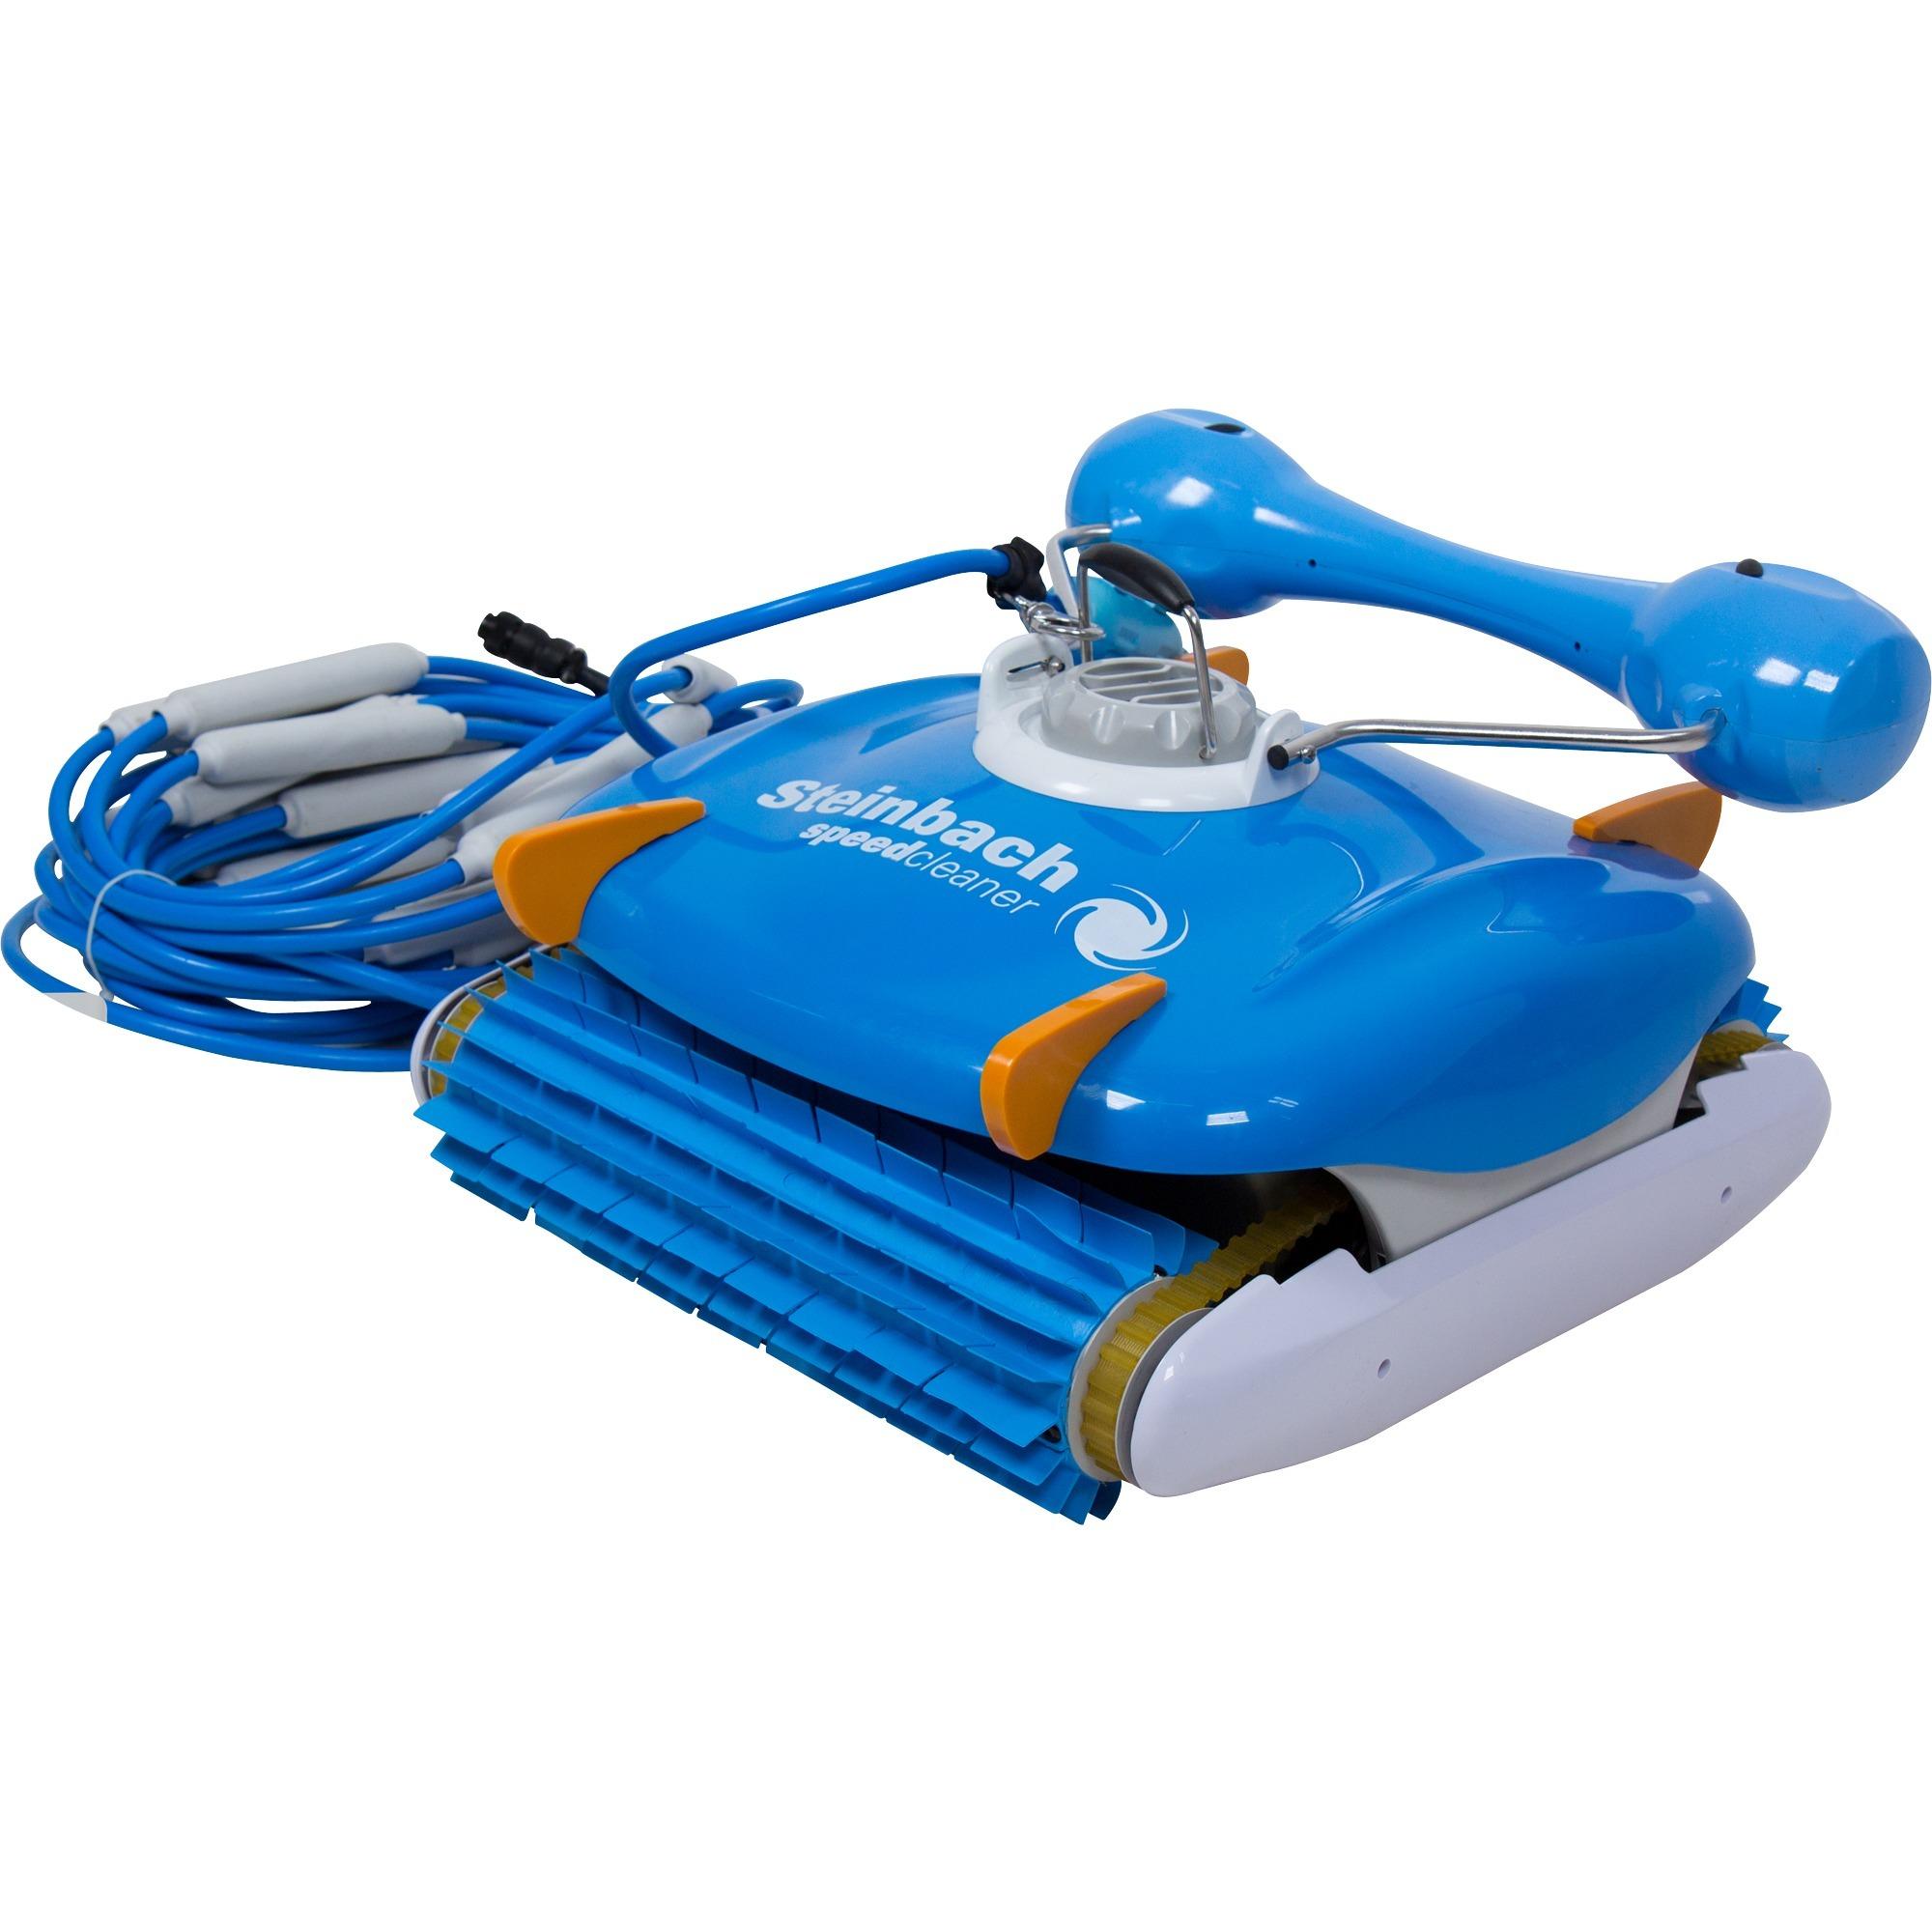 61018, Robot aspirador